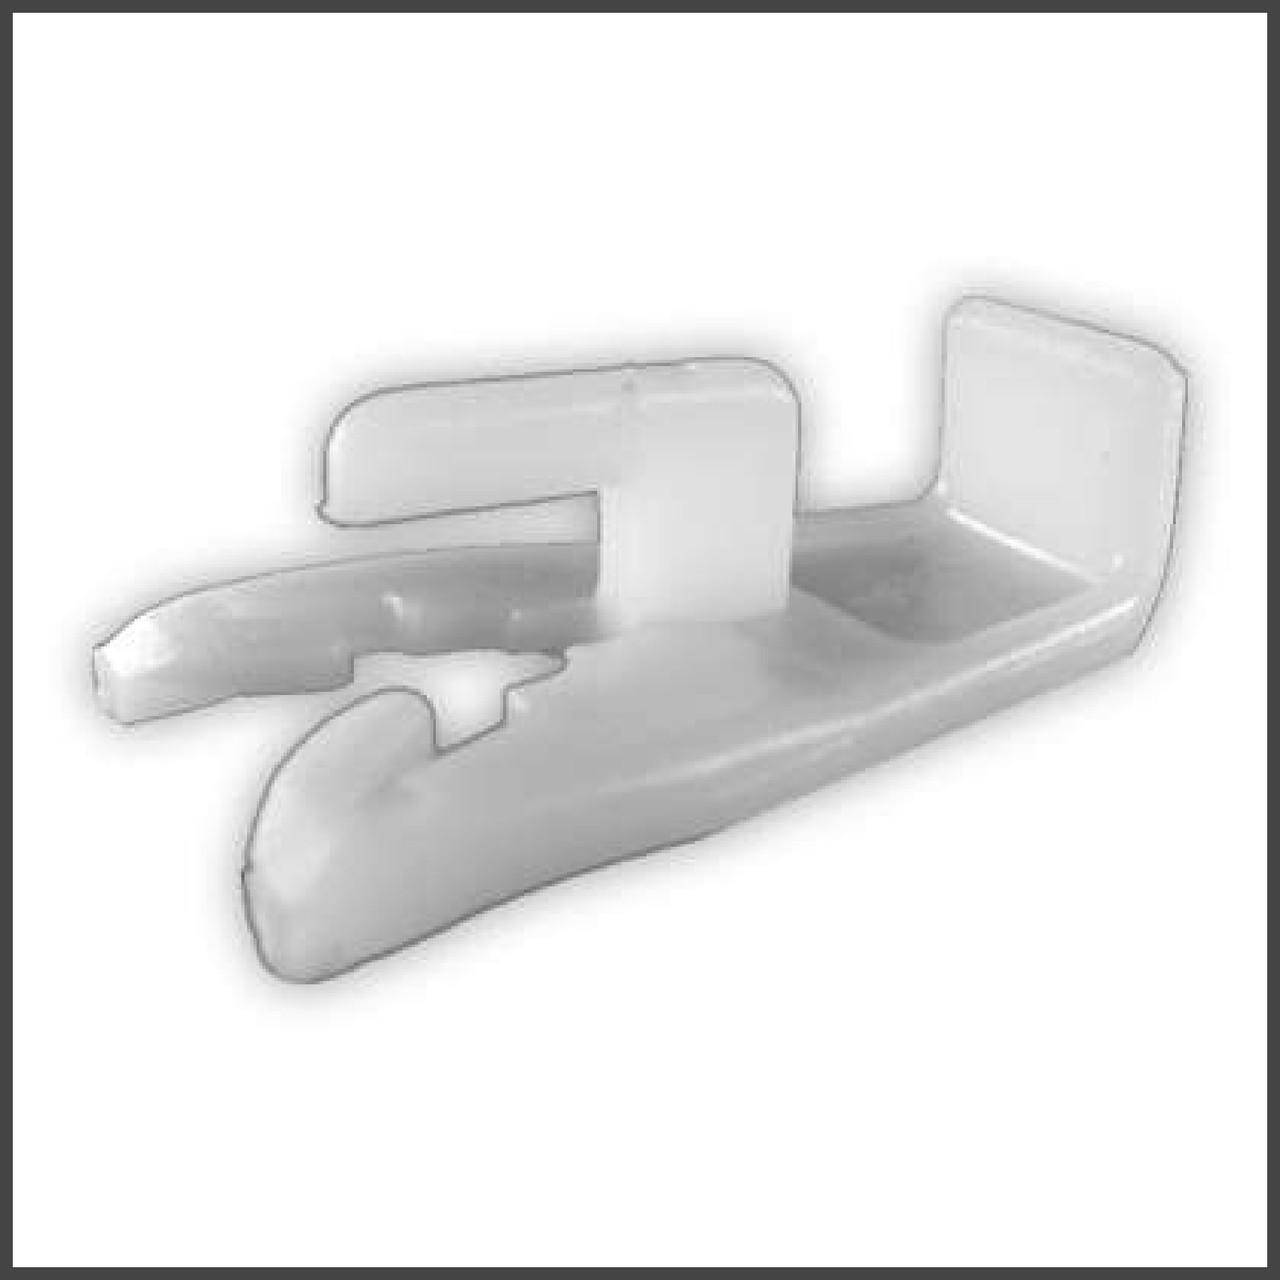 Механизм стеклоподъемника фиксатор передняя правая / левая дверь Renault, Peugeot (Front R / L)